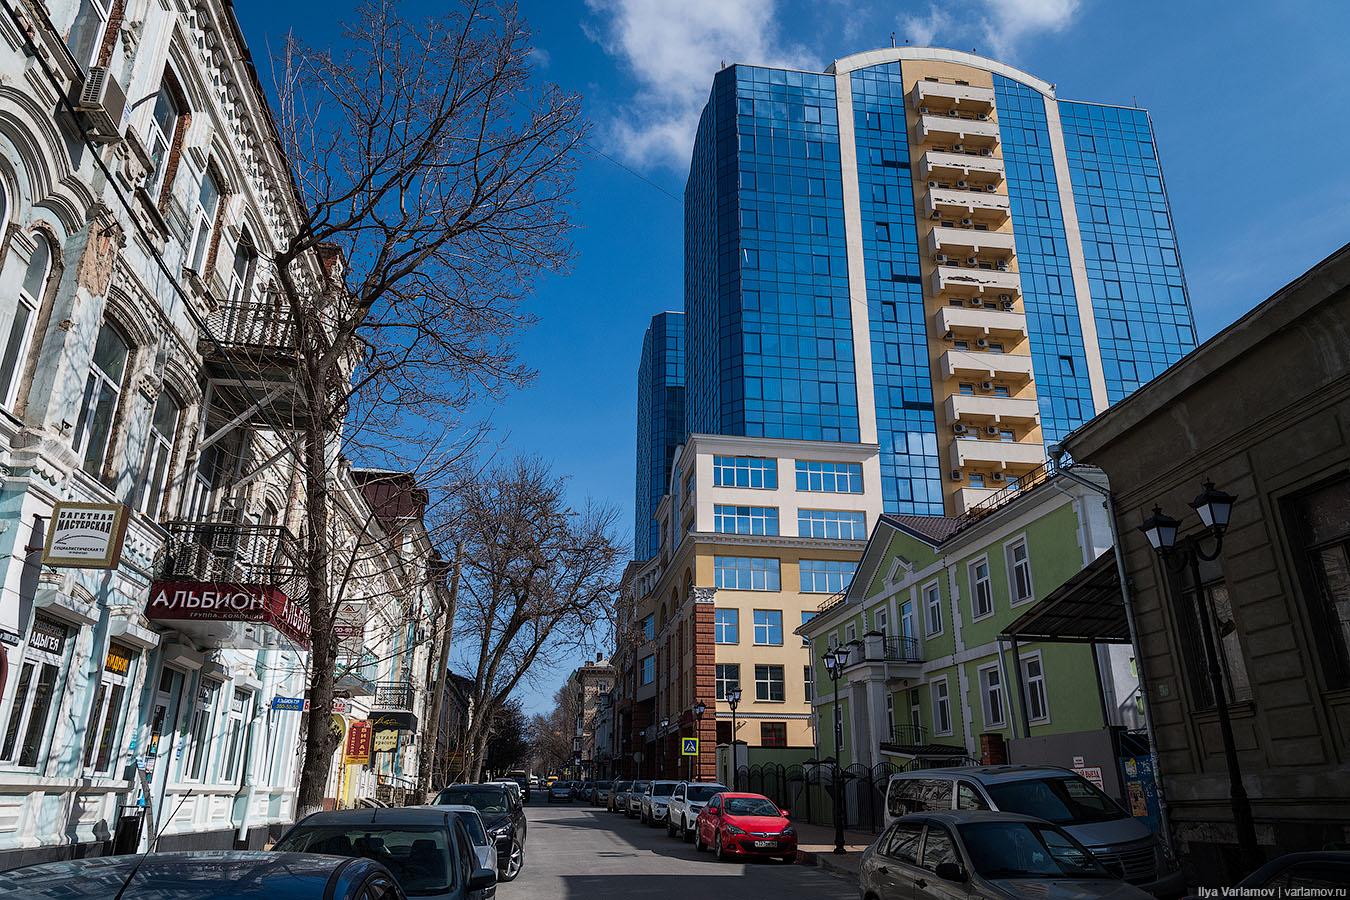 Аделаида – это больше Челябинск или Ростов-на-Дону?